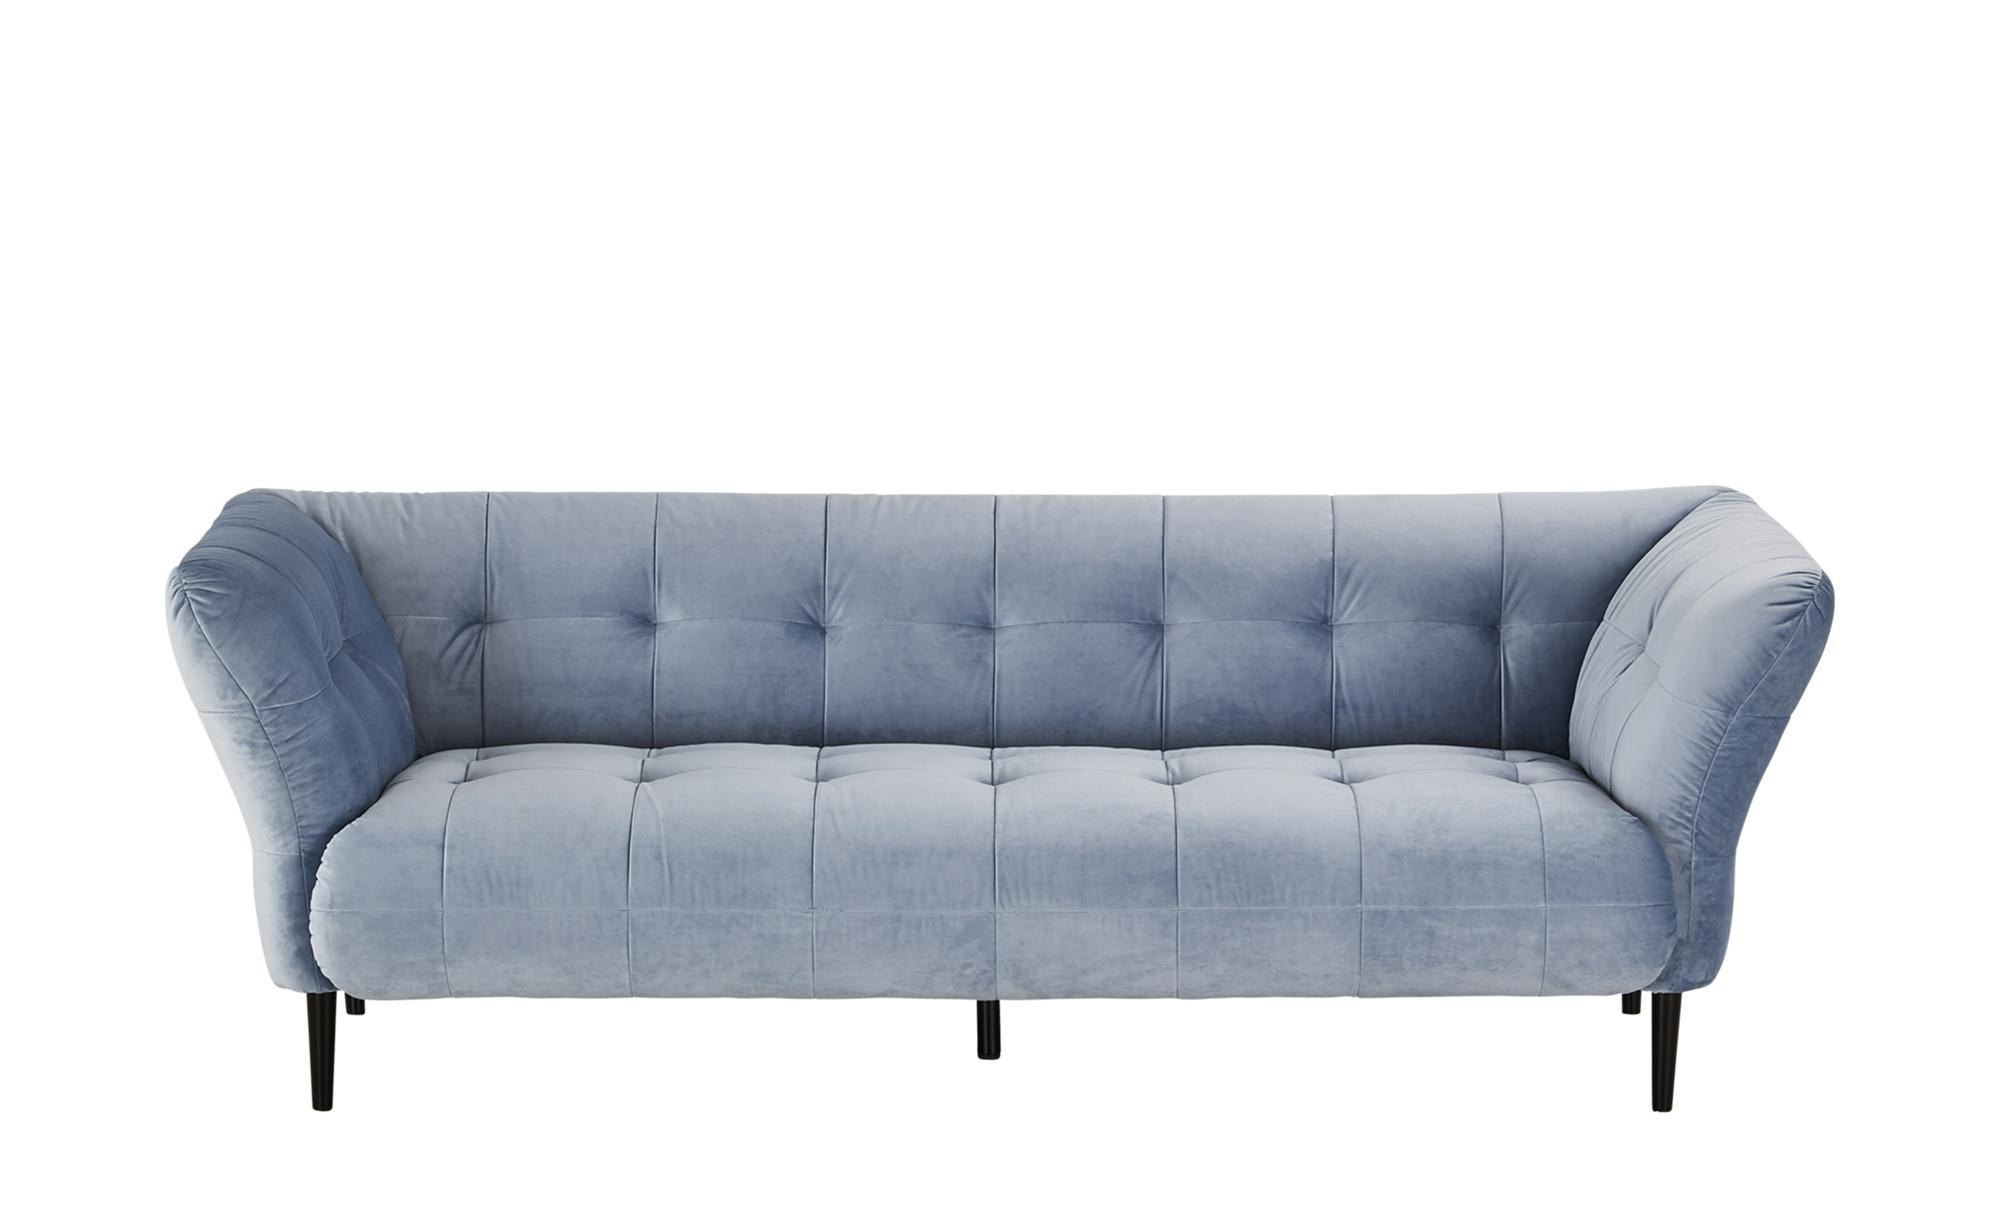 Pop Sofa Puccini Schlafsofa Gunstig Couch Gunstig Und Big Sofa Kaufen